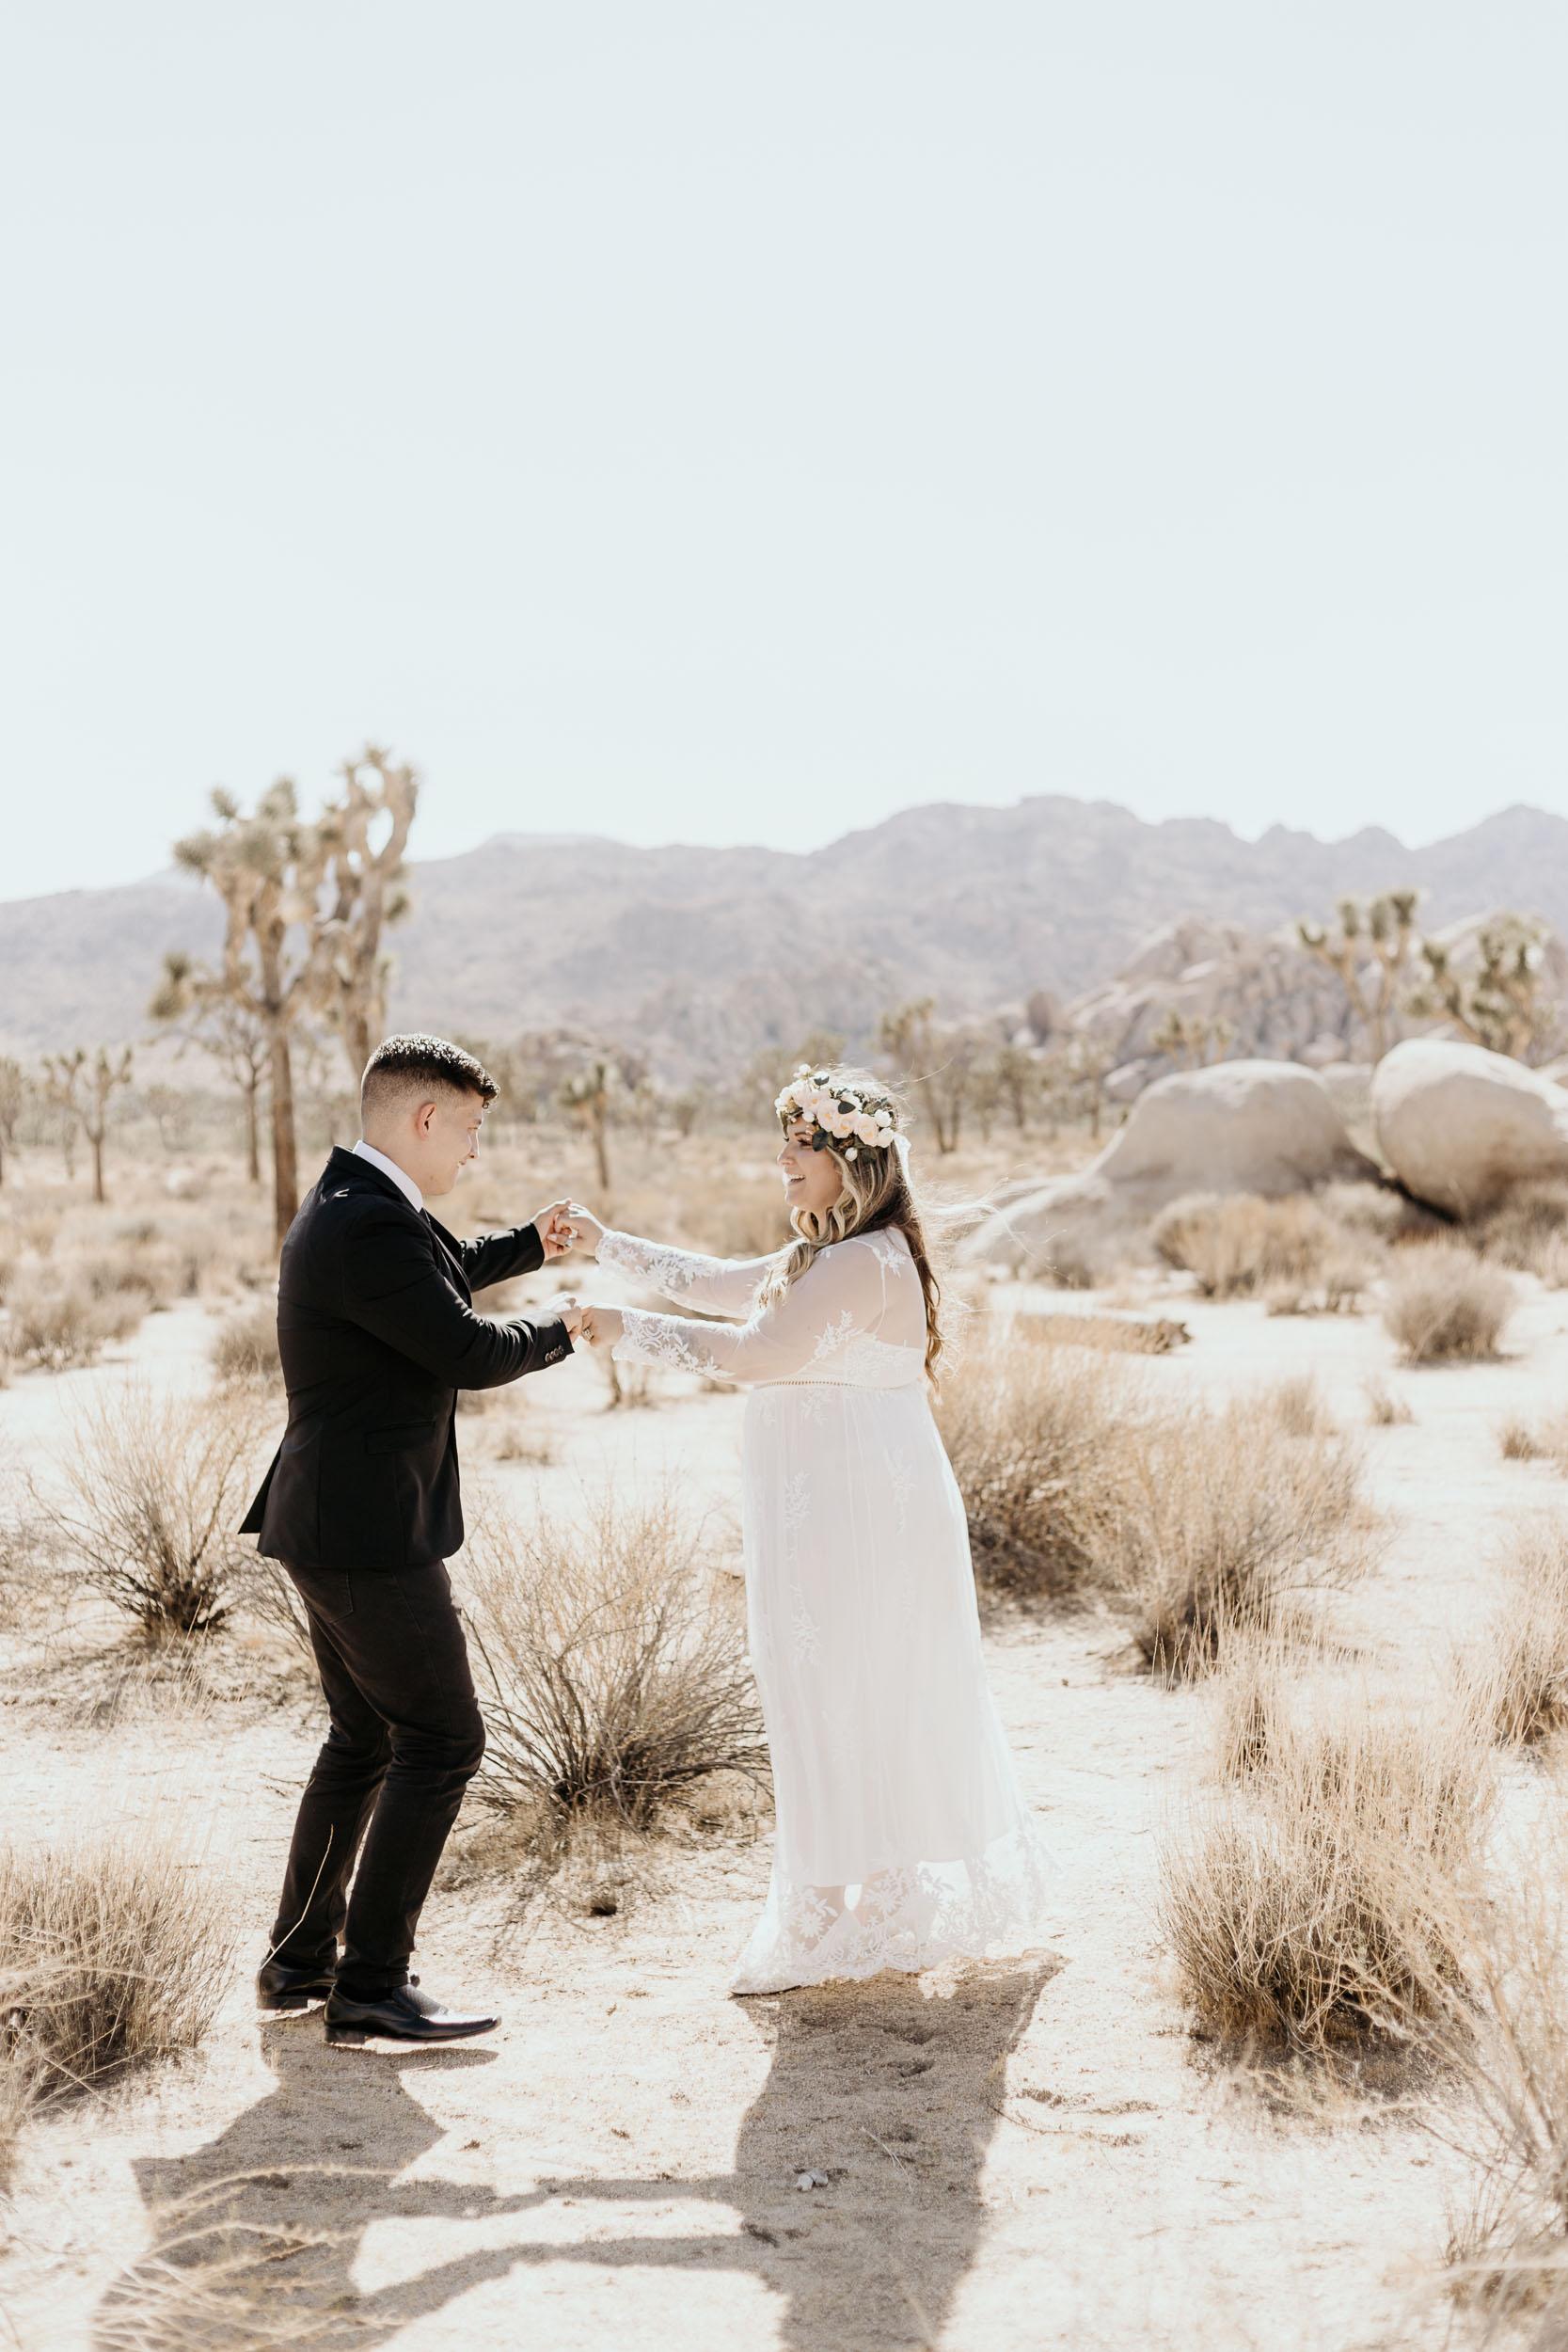 intimate-wedding-elopement-photographer-ottawa-joshua-tree-0261.jpg